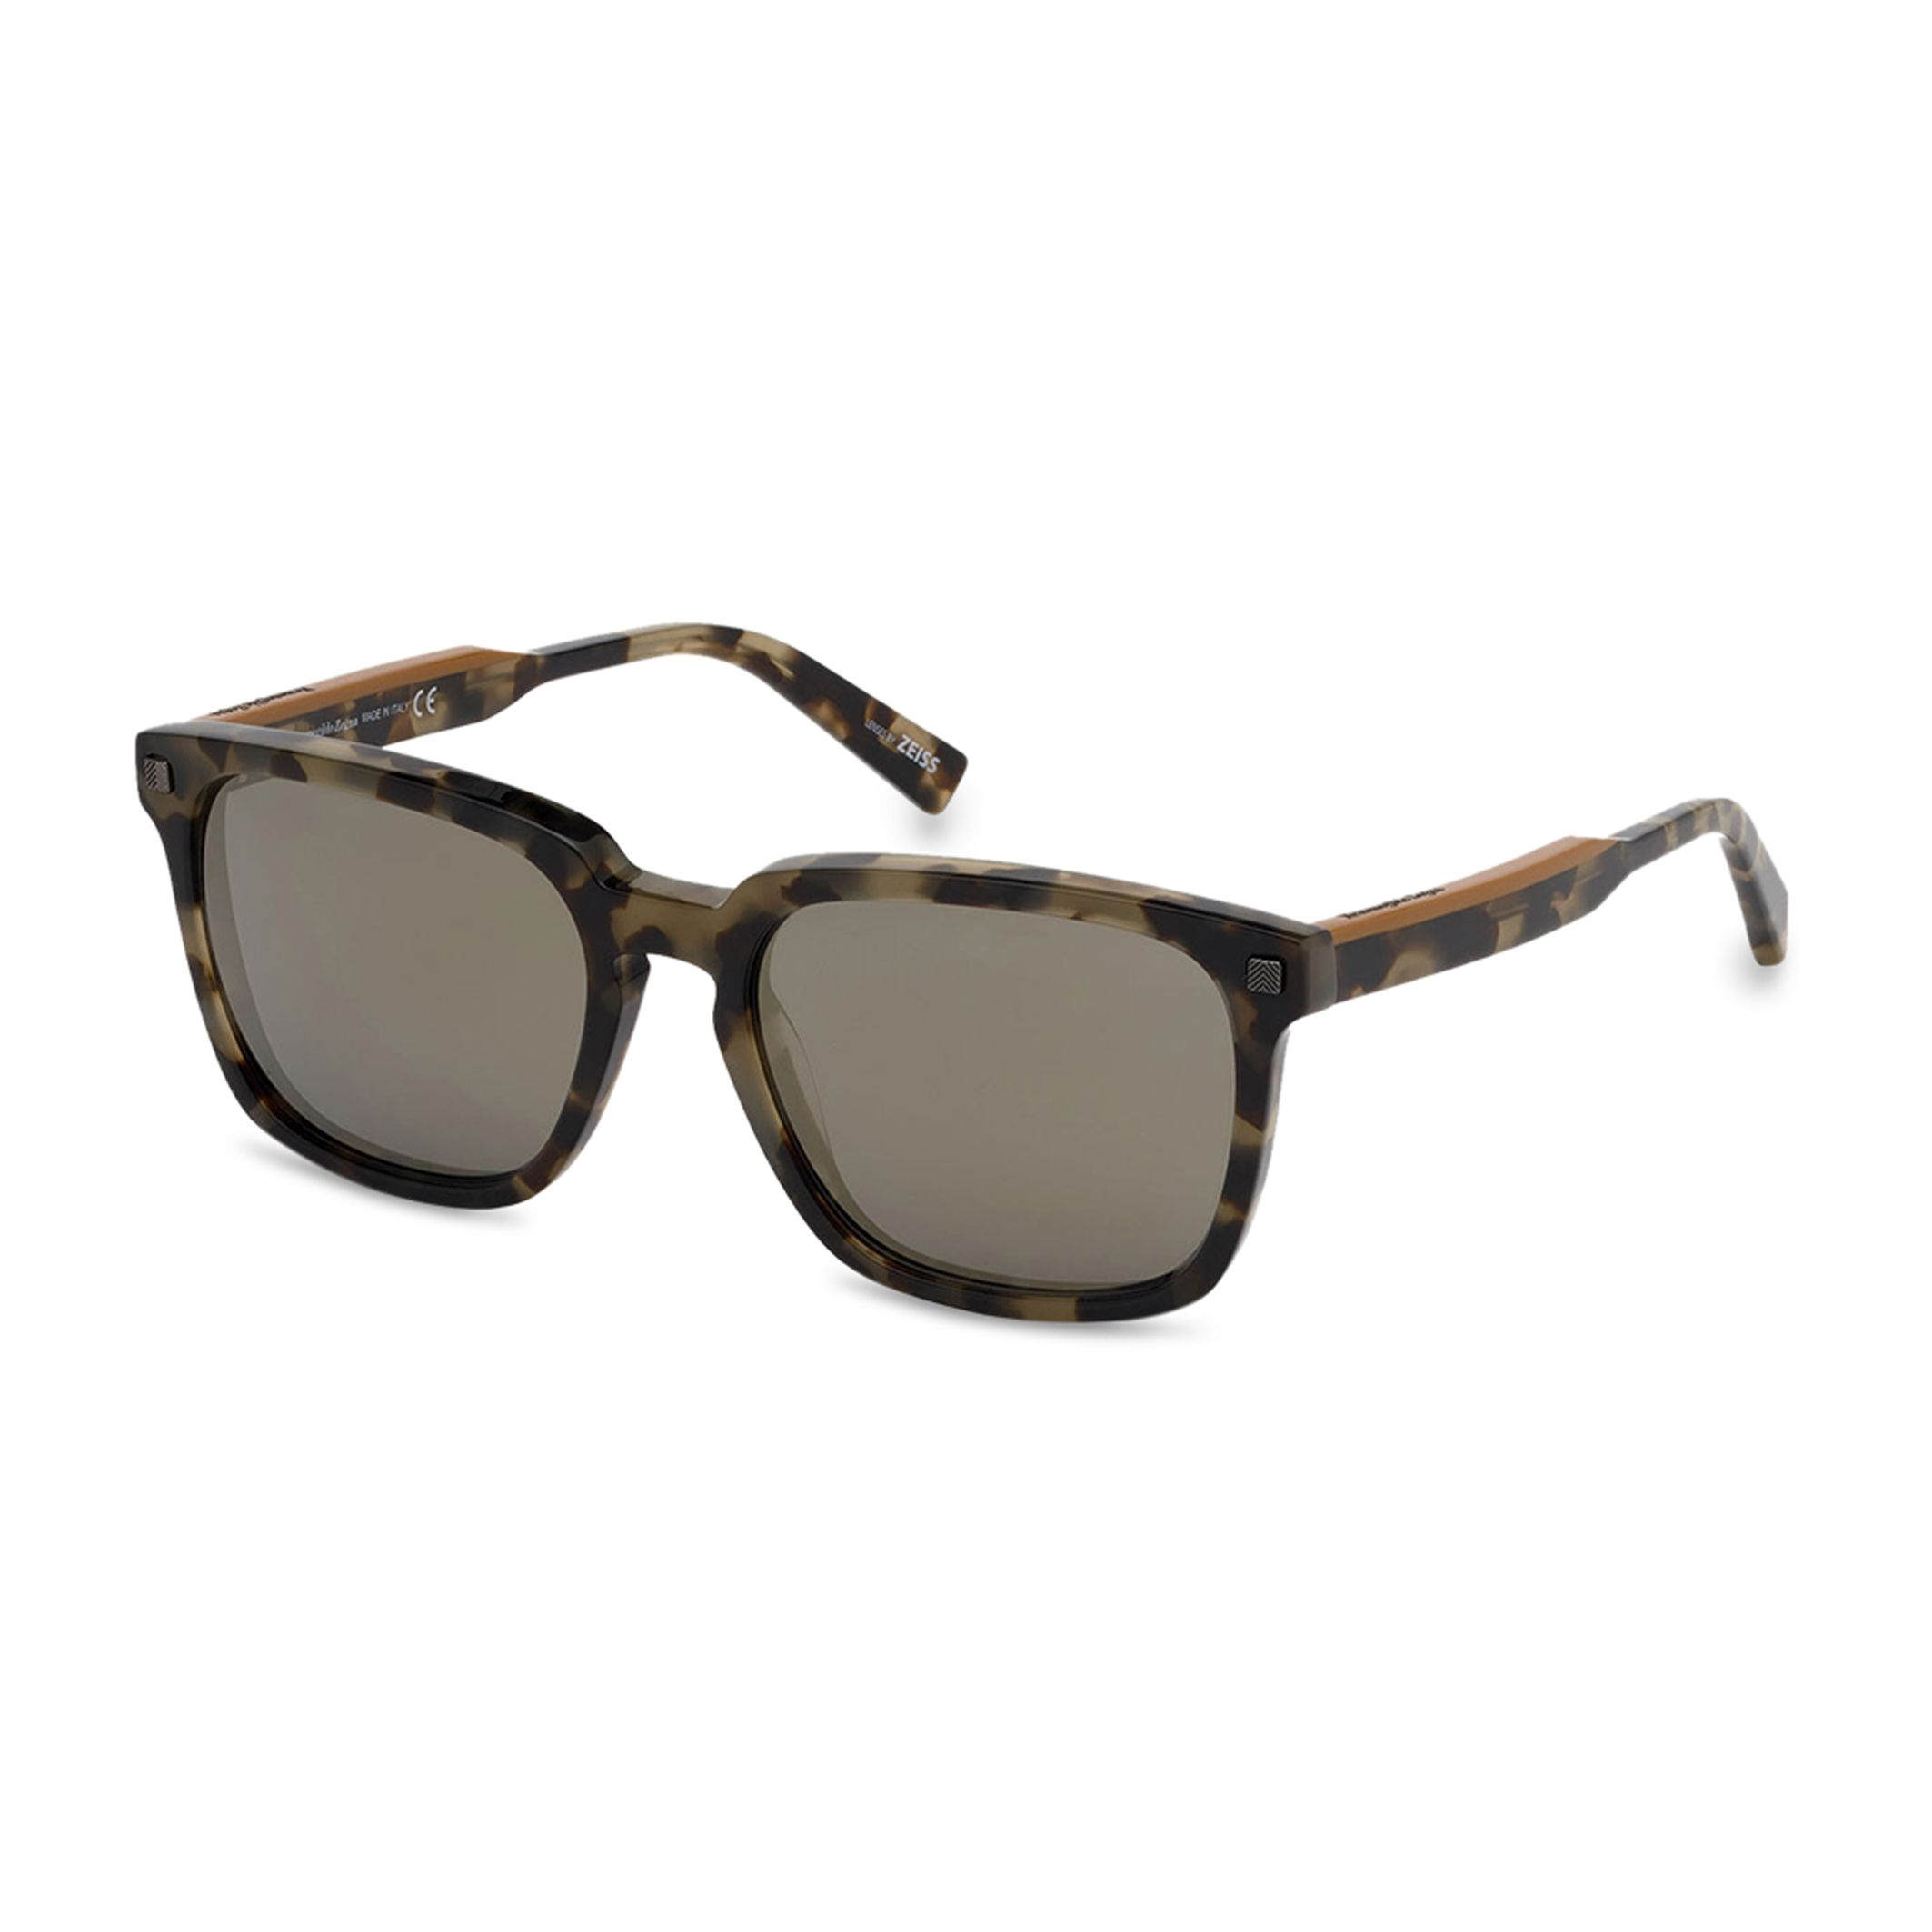 Ermenegildo Zegna Mens Sunglasses